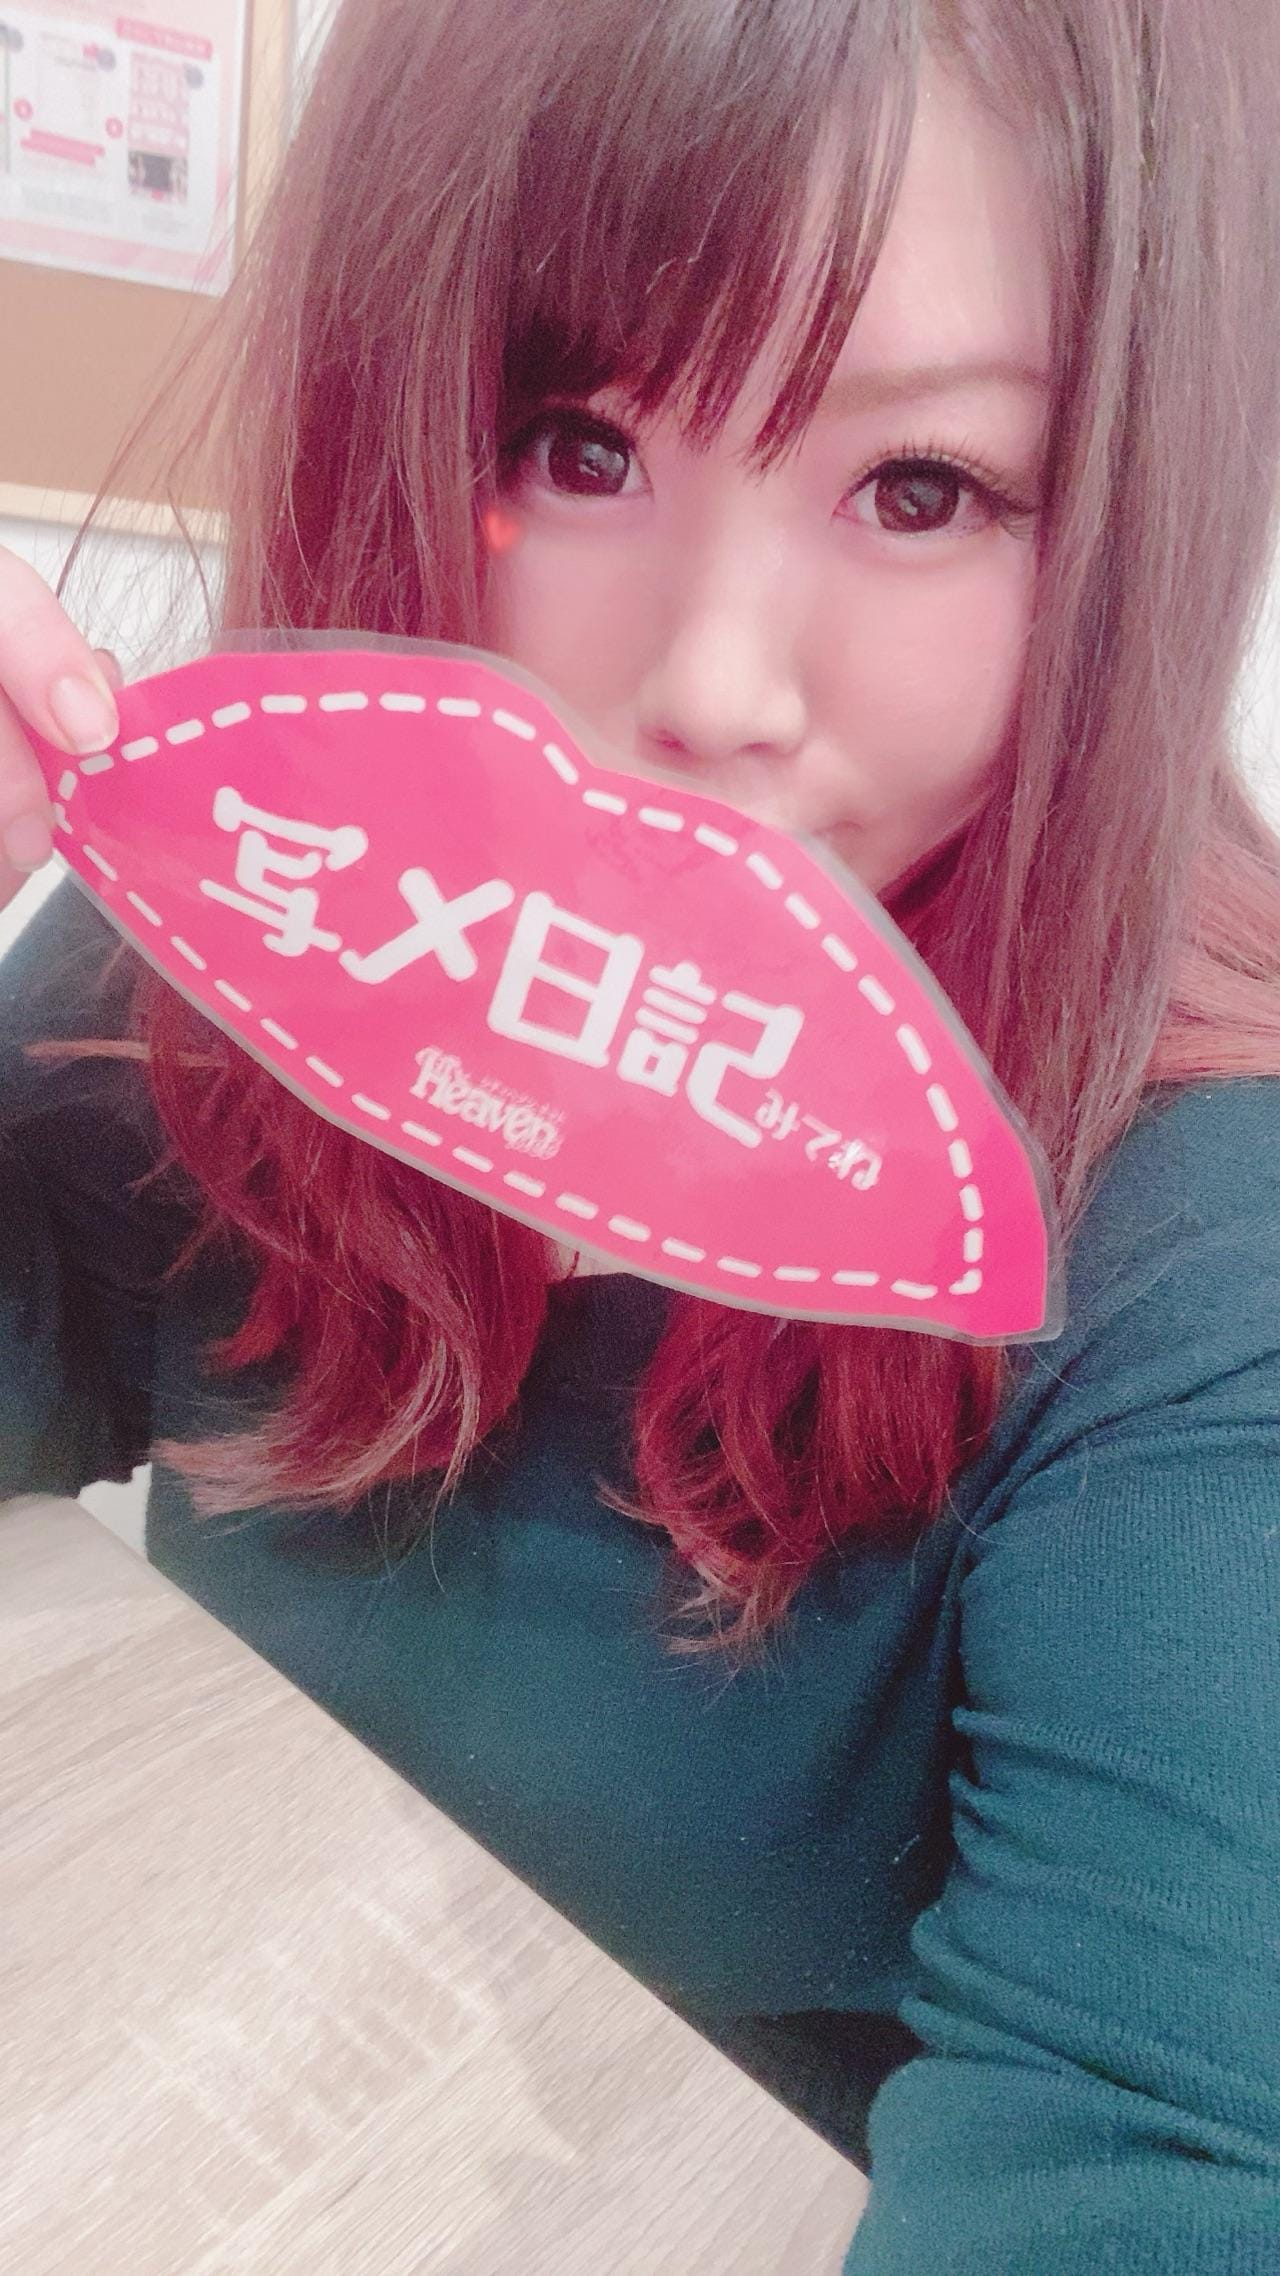 るりか@最胸ずり変態O乳美麗嬢|沼津・富士・御殿場風俗の最新写メ日記